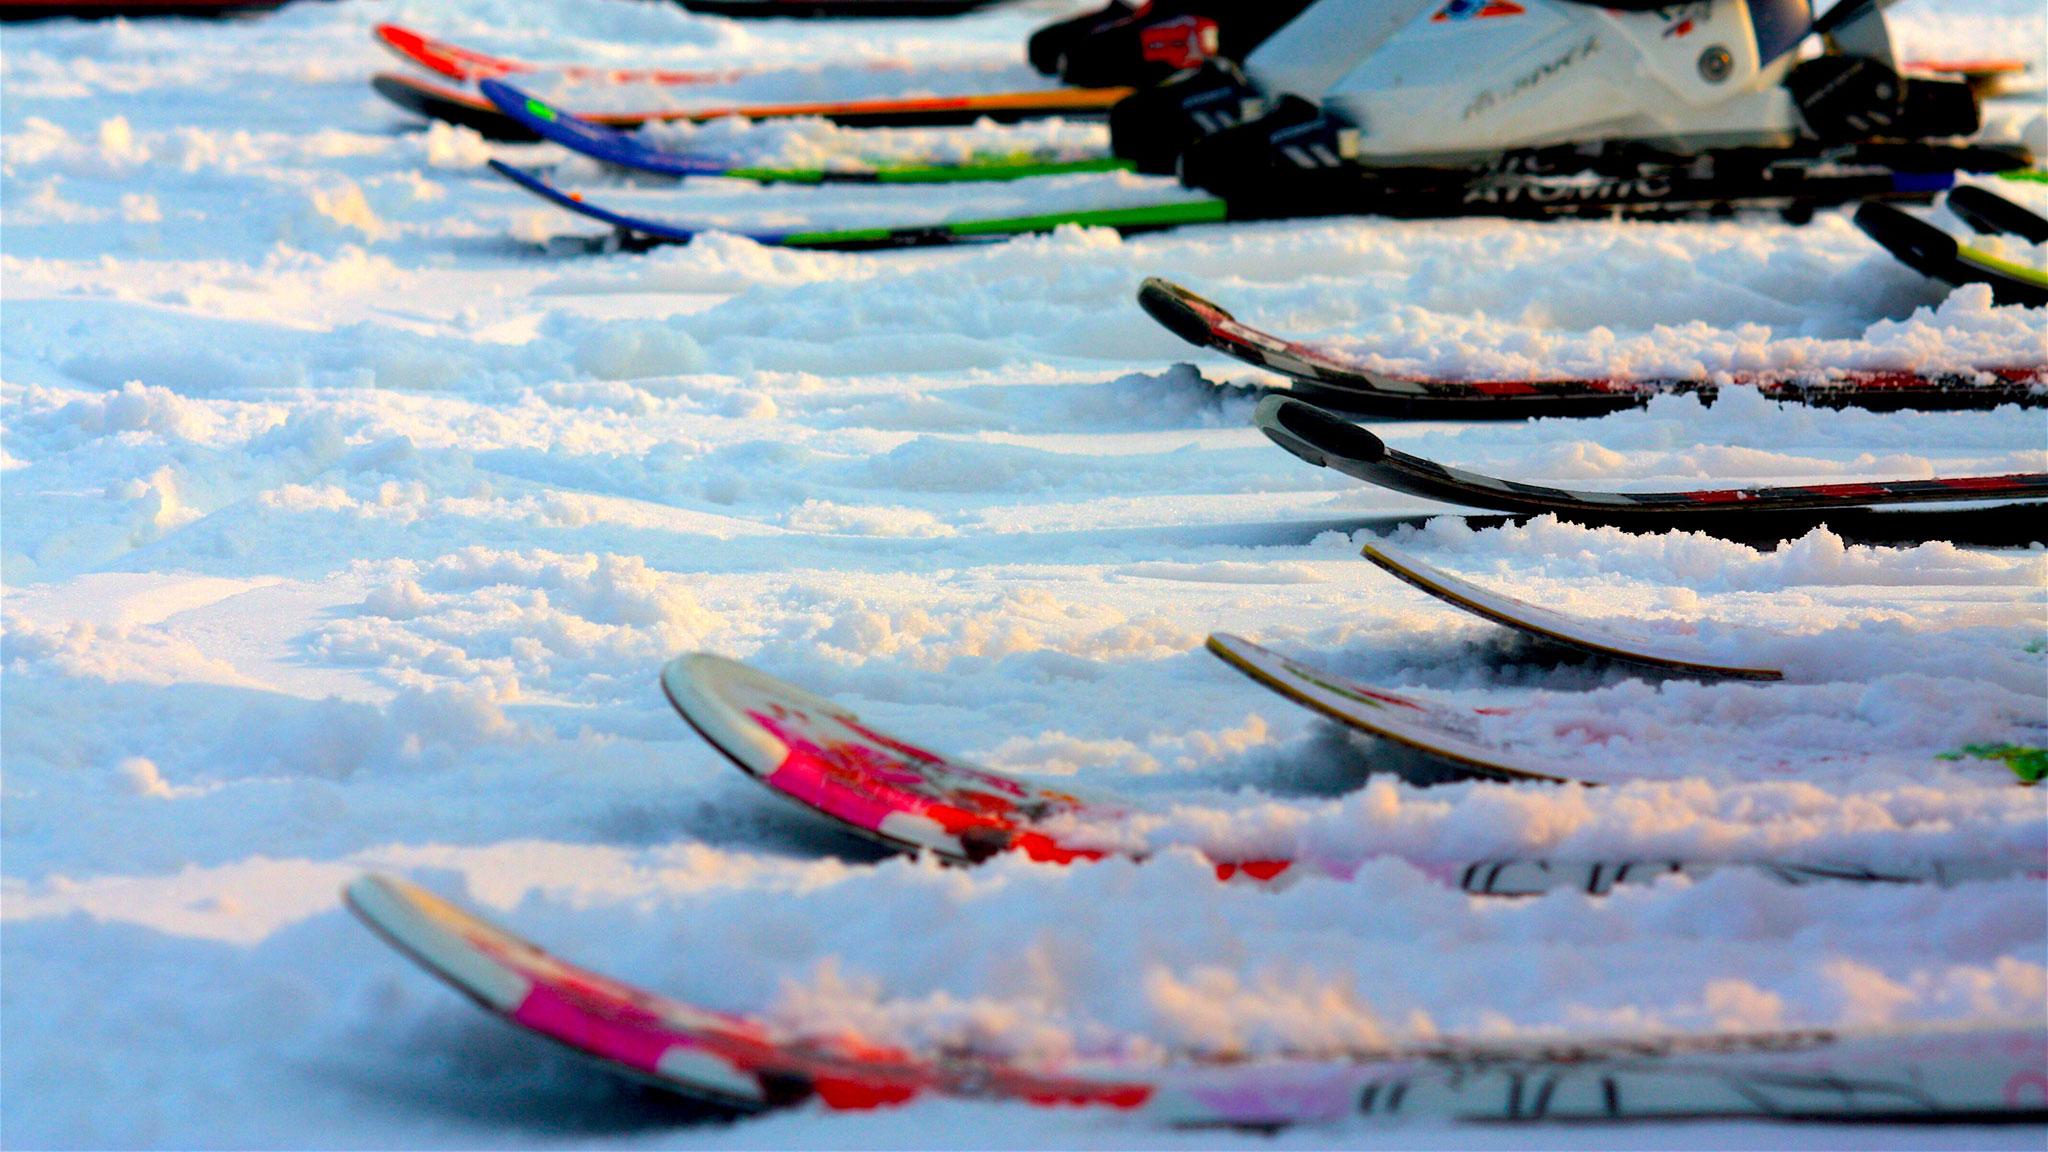 Предупредите авиакомпанию о том, что планируете перевозить лыжи — так ваш багаж гарантированно улетит вместе с вами.Фото: pixabay.com